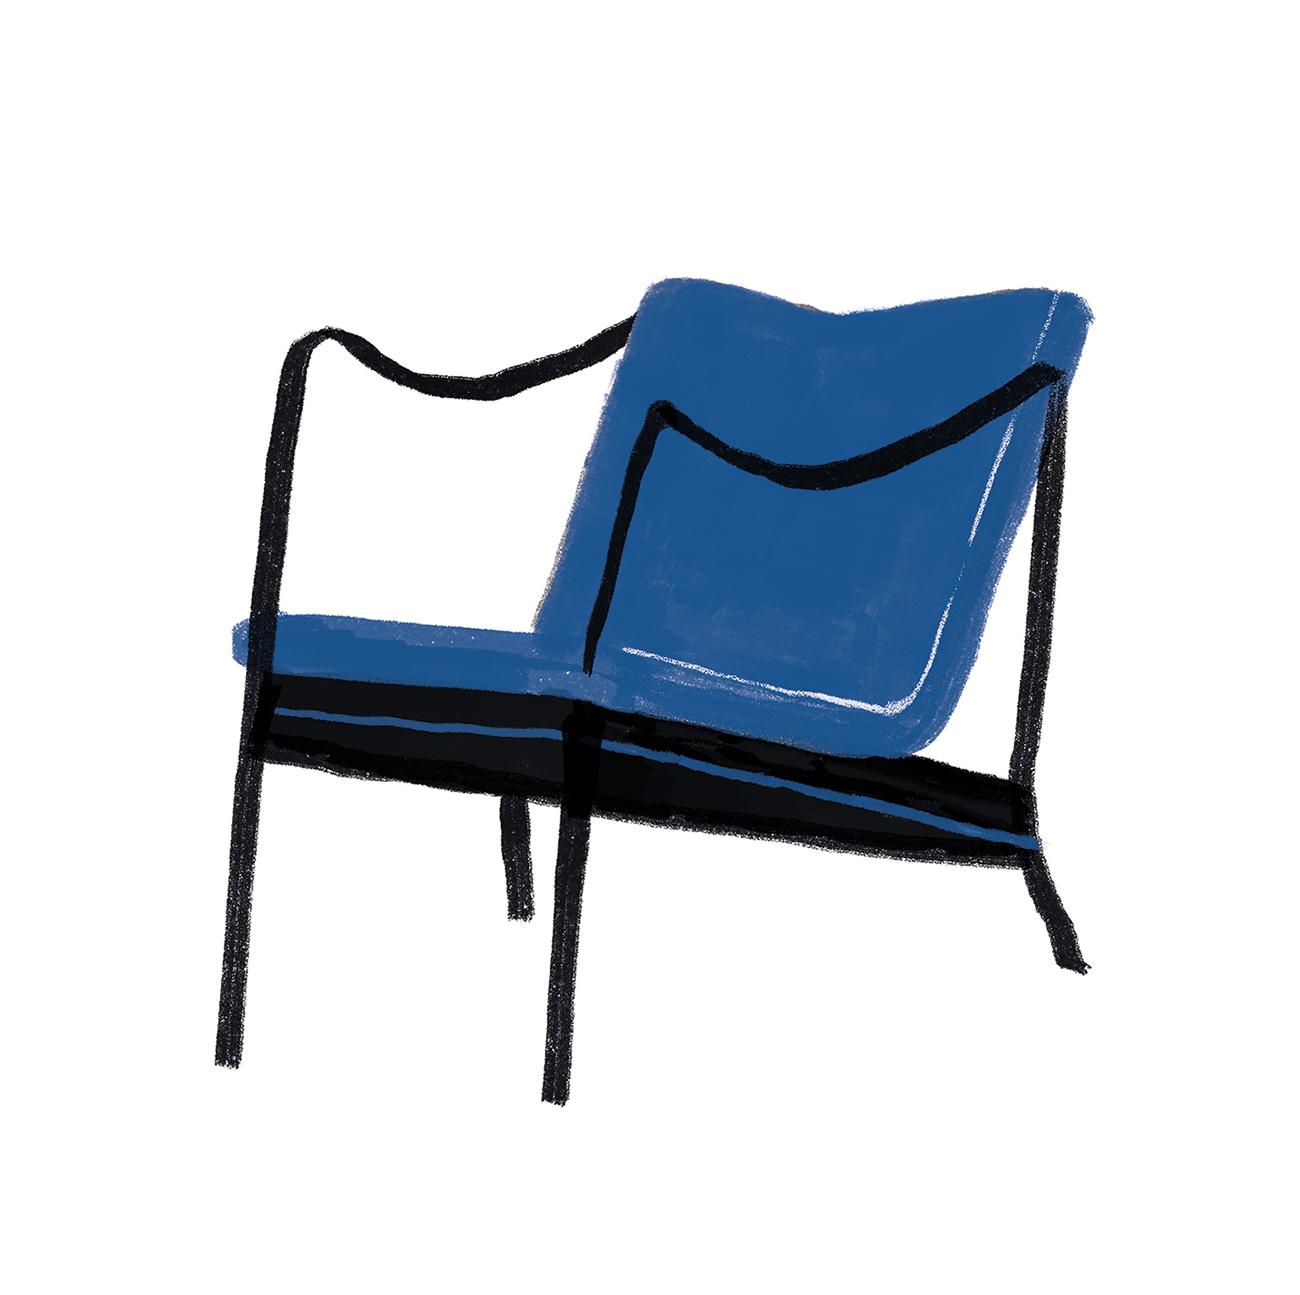 interior-design-women-feminist-chair-obect-Karen-Clemmsen-chair-illustration-violeta-noy